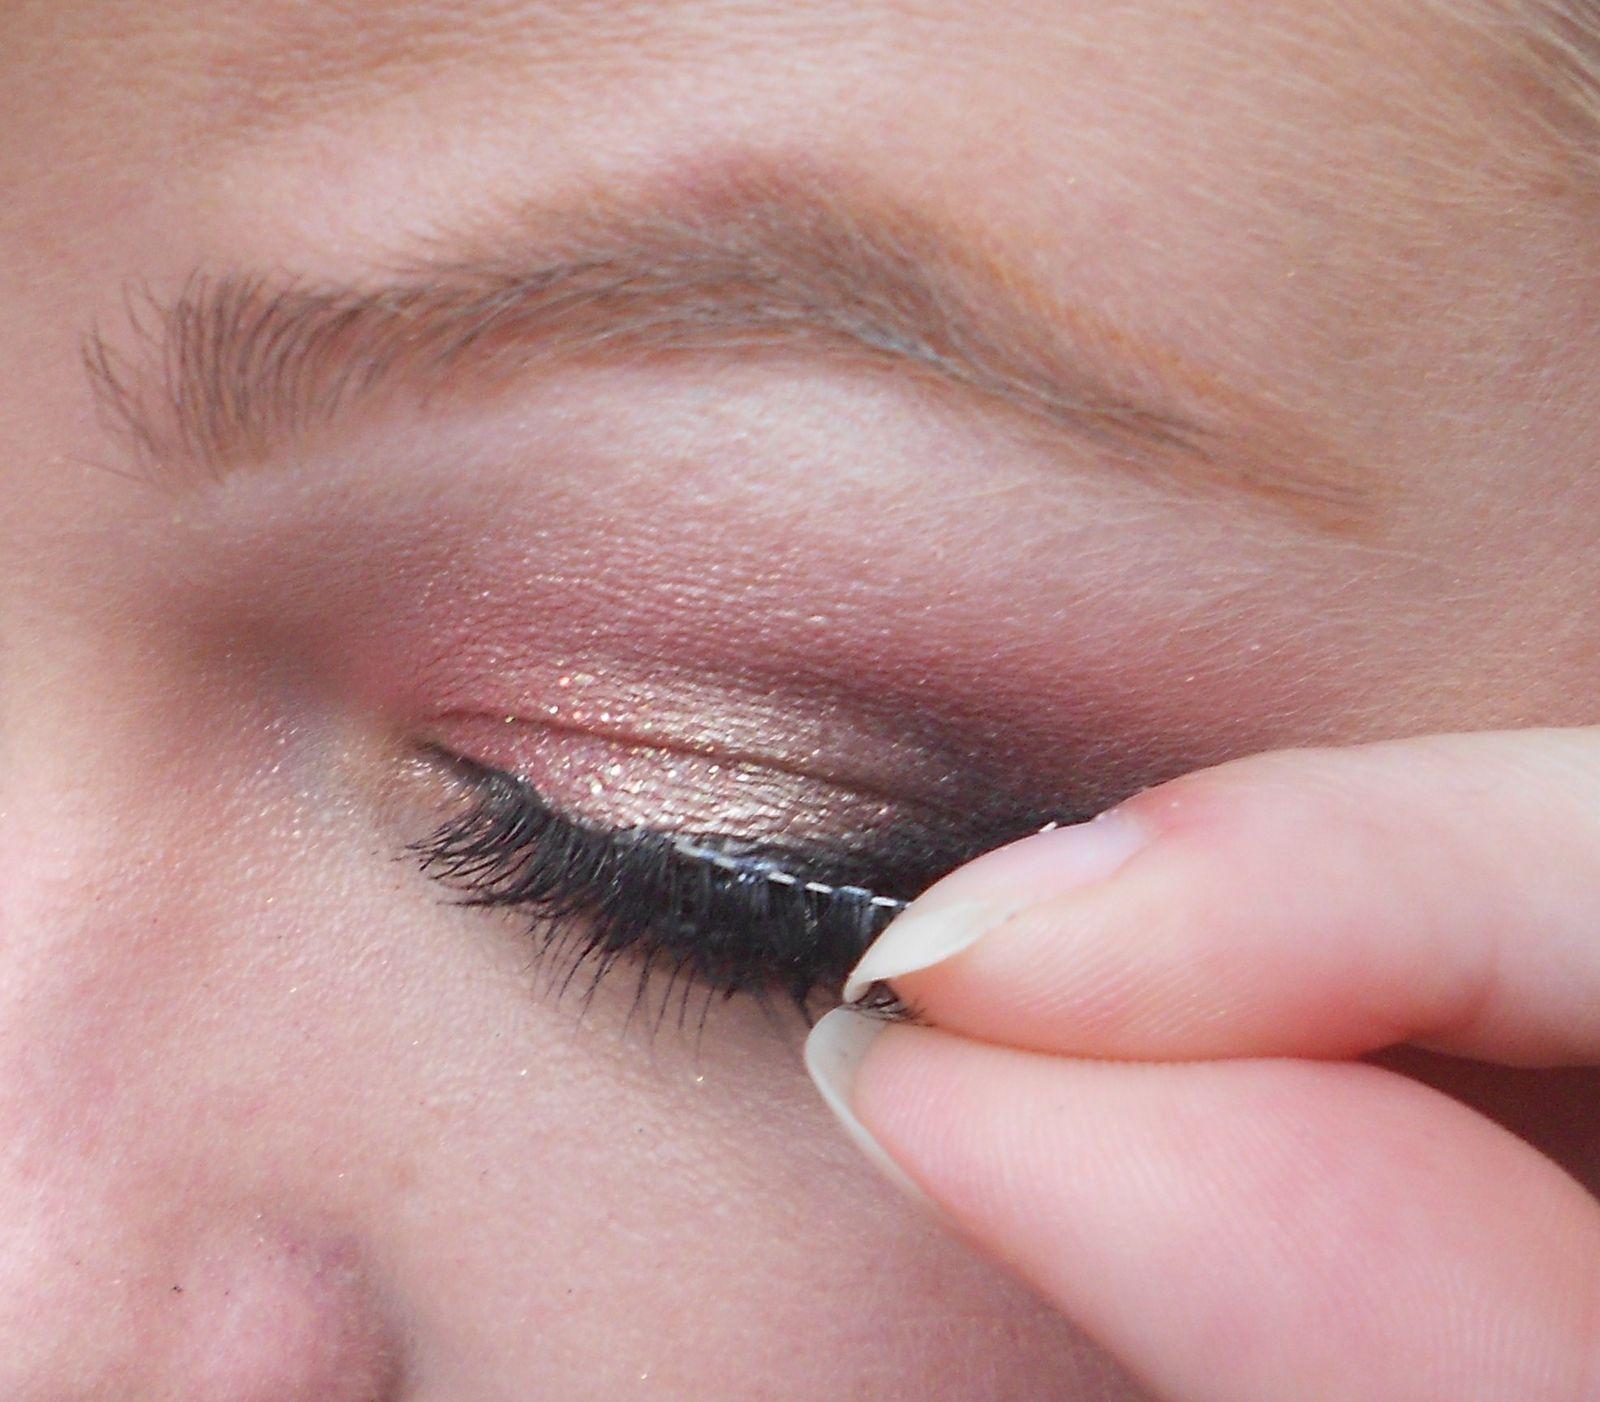 j'applique ensuite le faux-cils sur le coin externe de l'oeil.